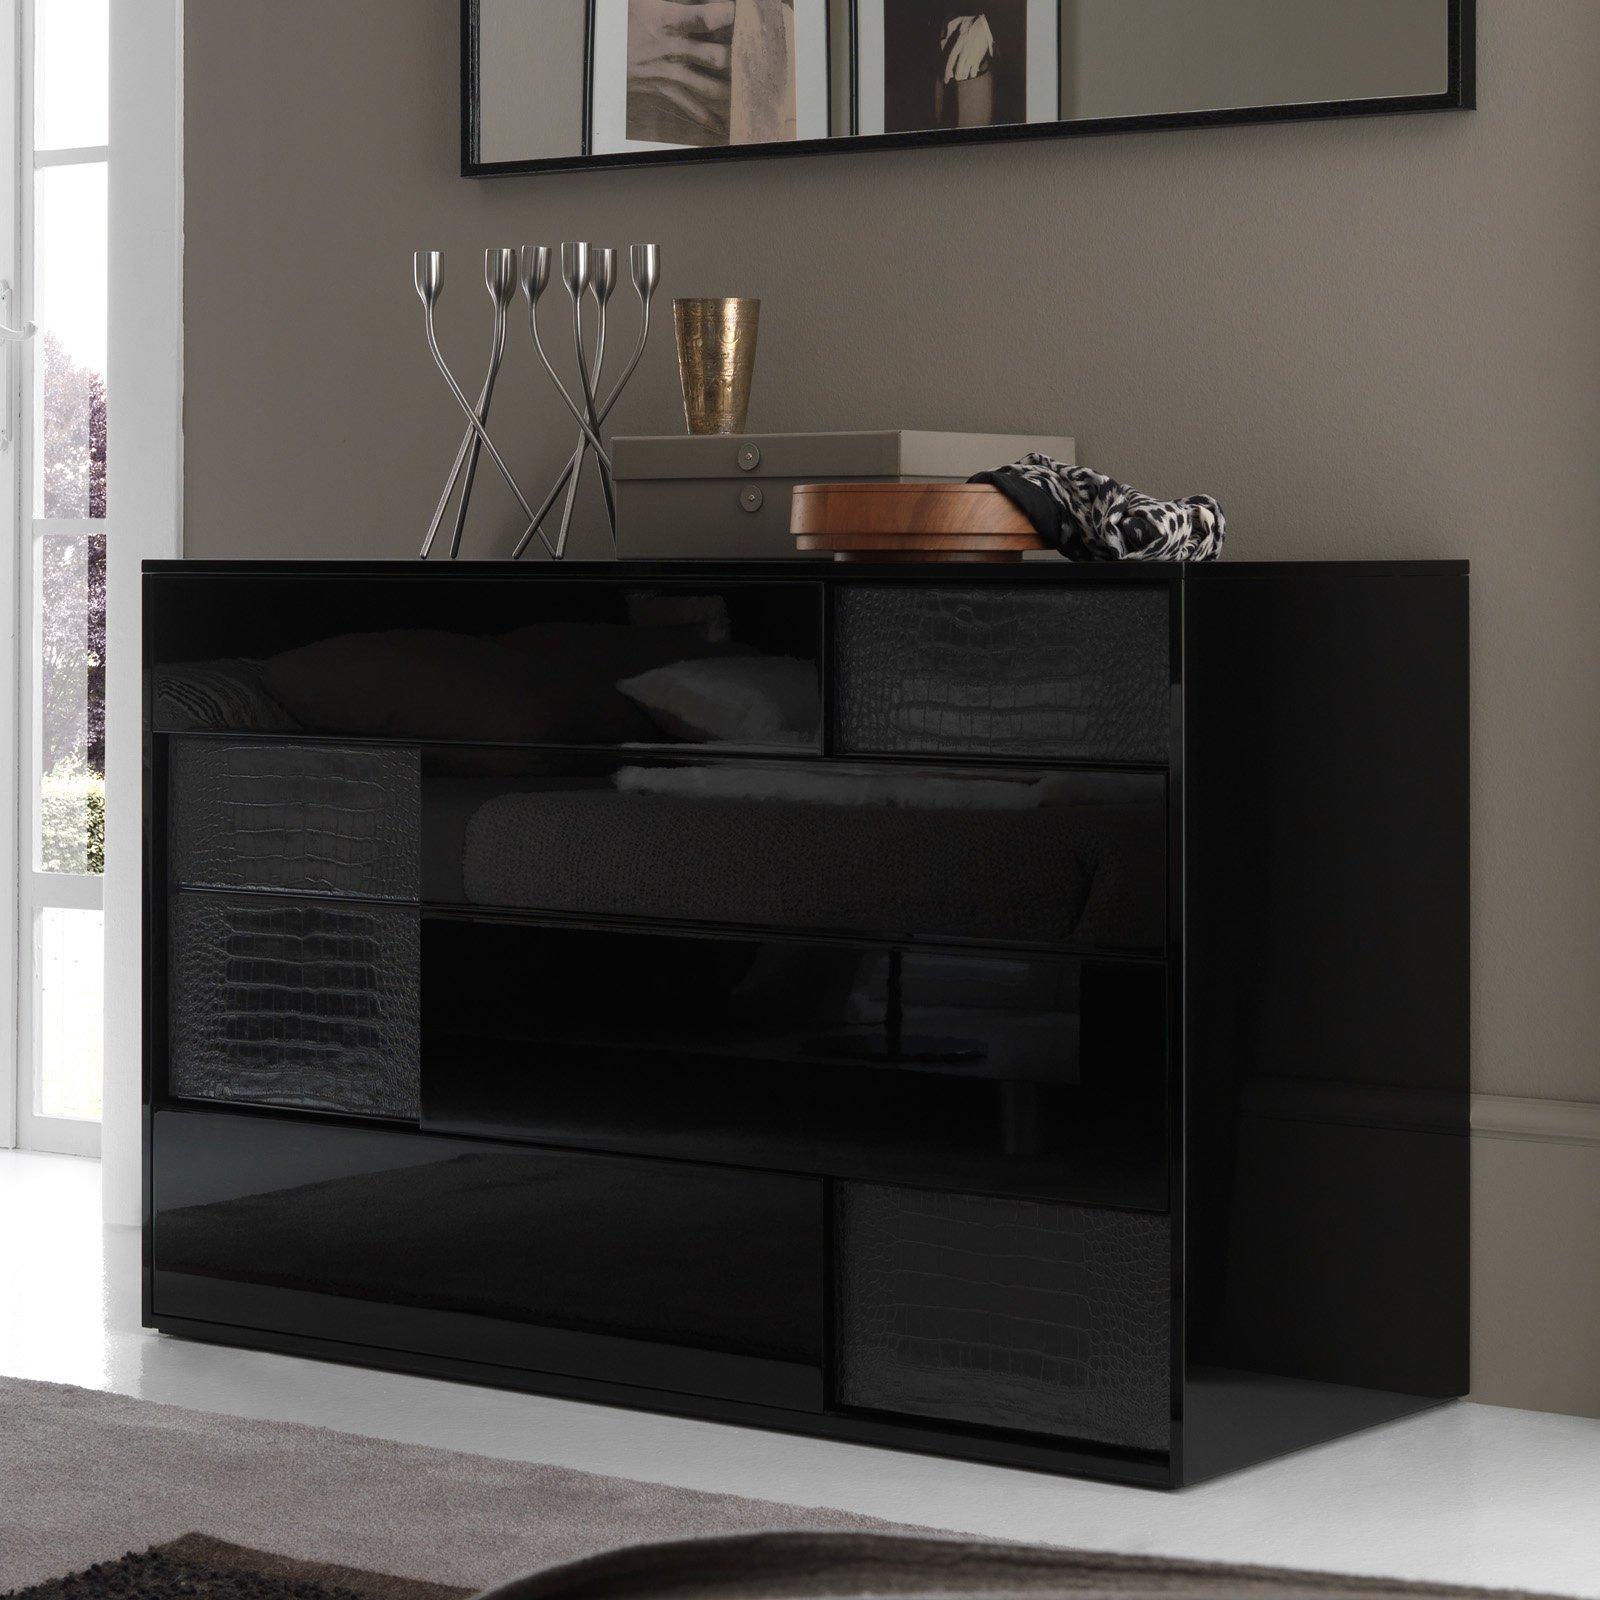 Rossetto Nightfly Black 4 Drawer Dresser